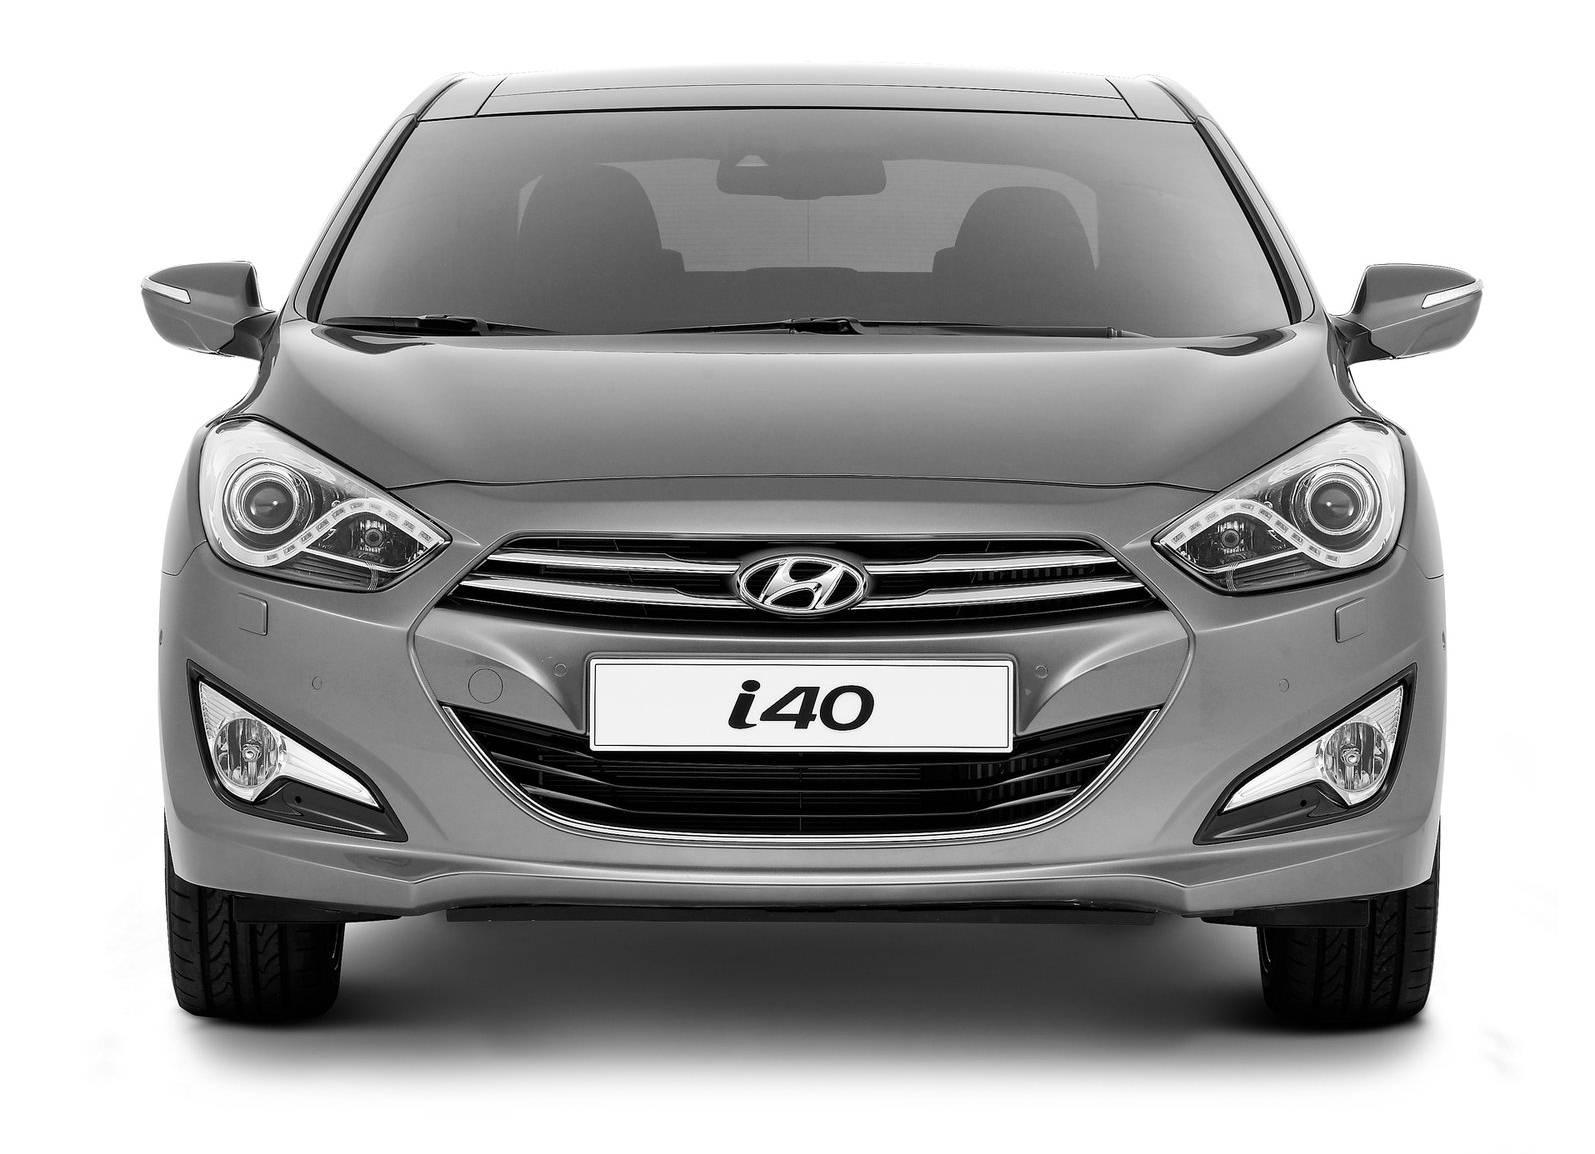 http://3.bp.blogspot.com/-w7iARfYRHkQ/TdNIIGFncbI/AAAAAAAADOg/RdGHJrOQZWo/s1600/Hyundai+i40+Car+1.jpg